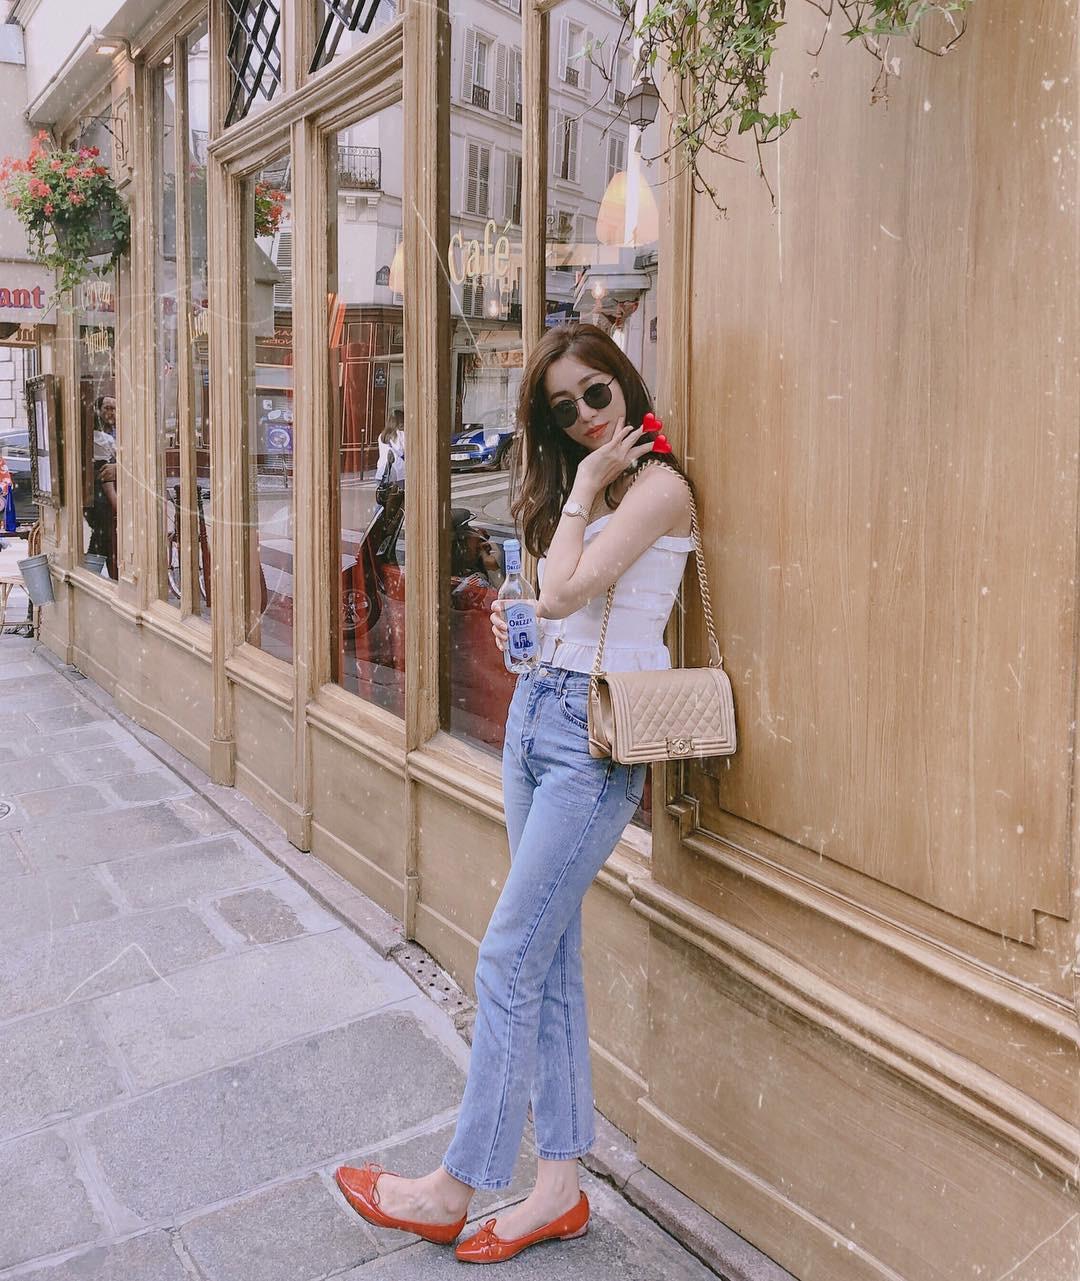 Đừng nghĩ mặc jeans là không điệu được, cứ nhìn các nàng blogger lên đồ cực xinh qua 15 set đồ này sẽ biết ngay - Ảnh 9.